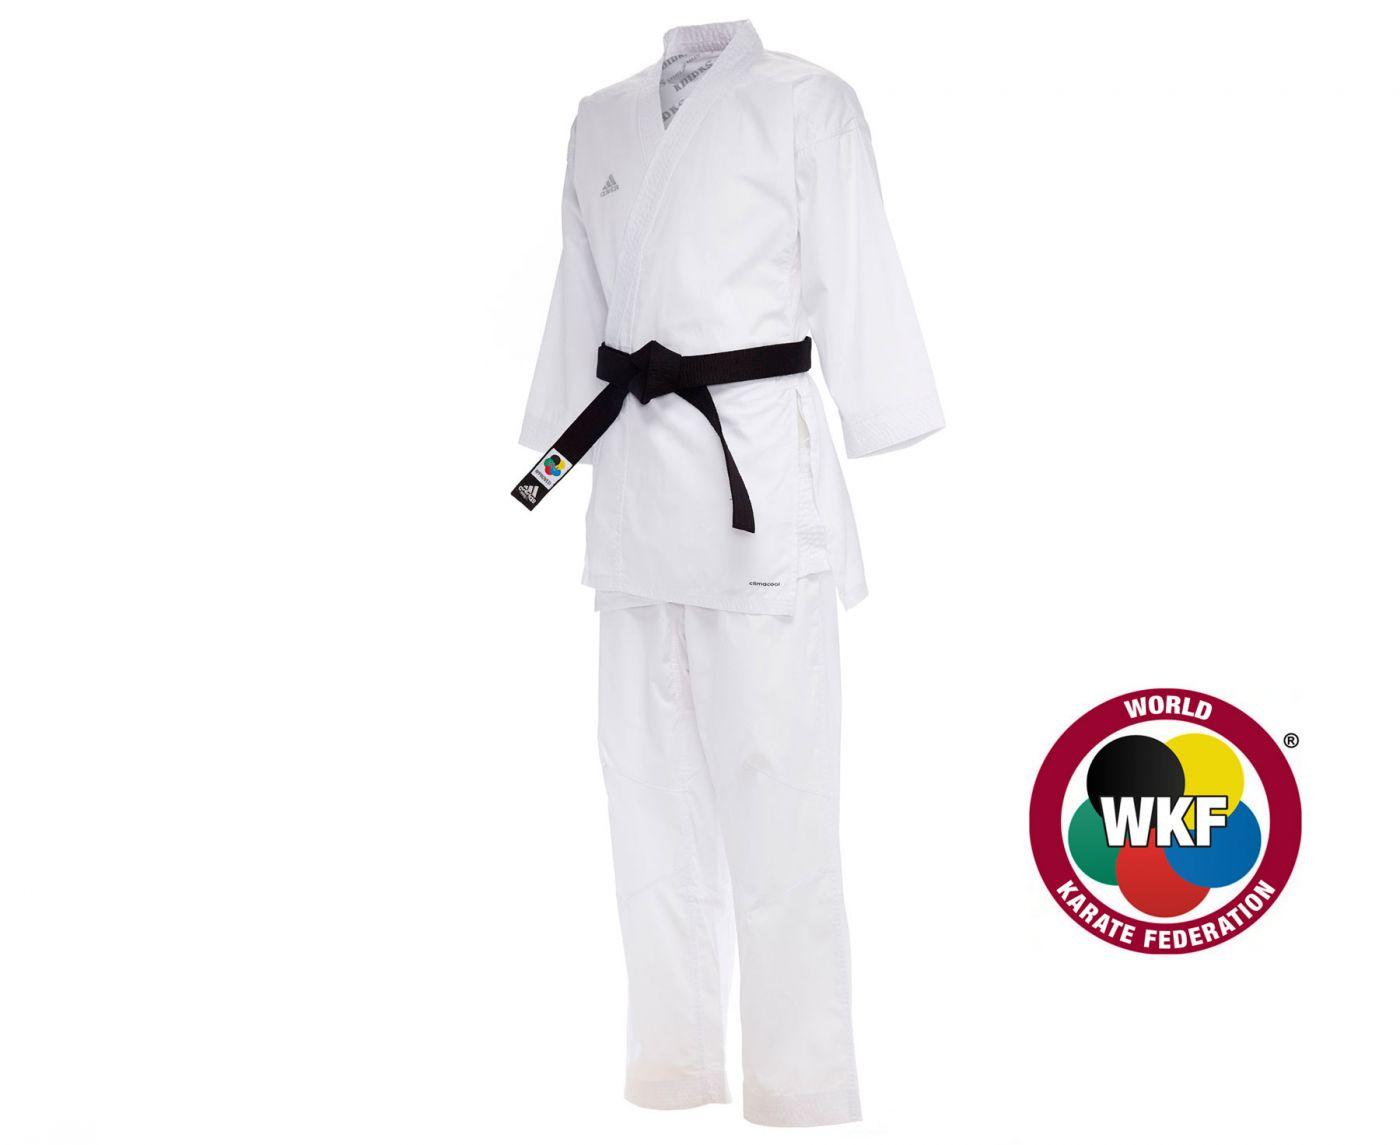 Кимоно для карате Adidas Kumite Fighter WKF белое, размер 190 см, артикул K220KF